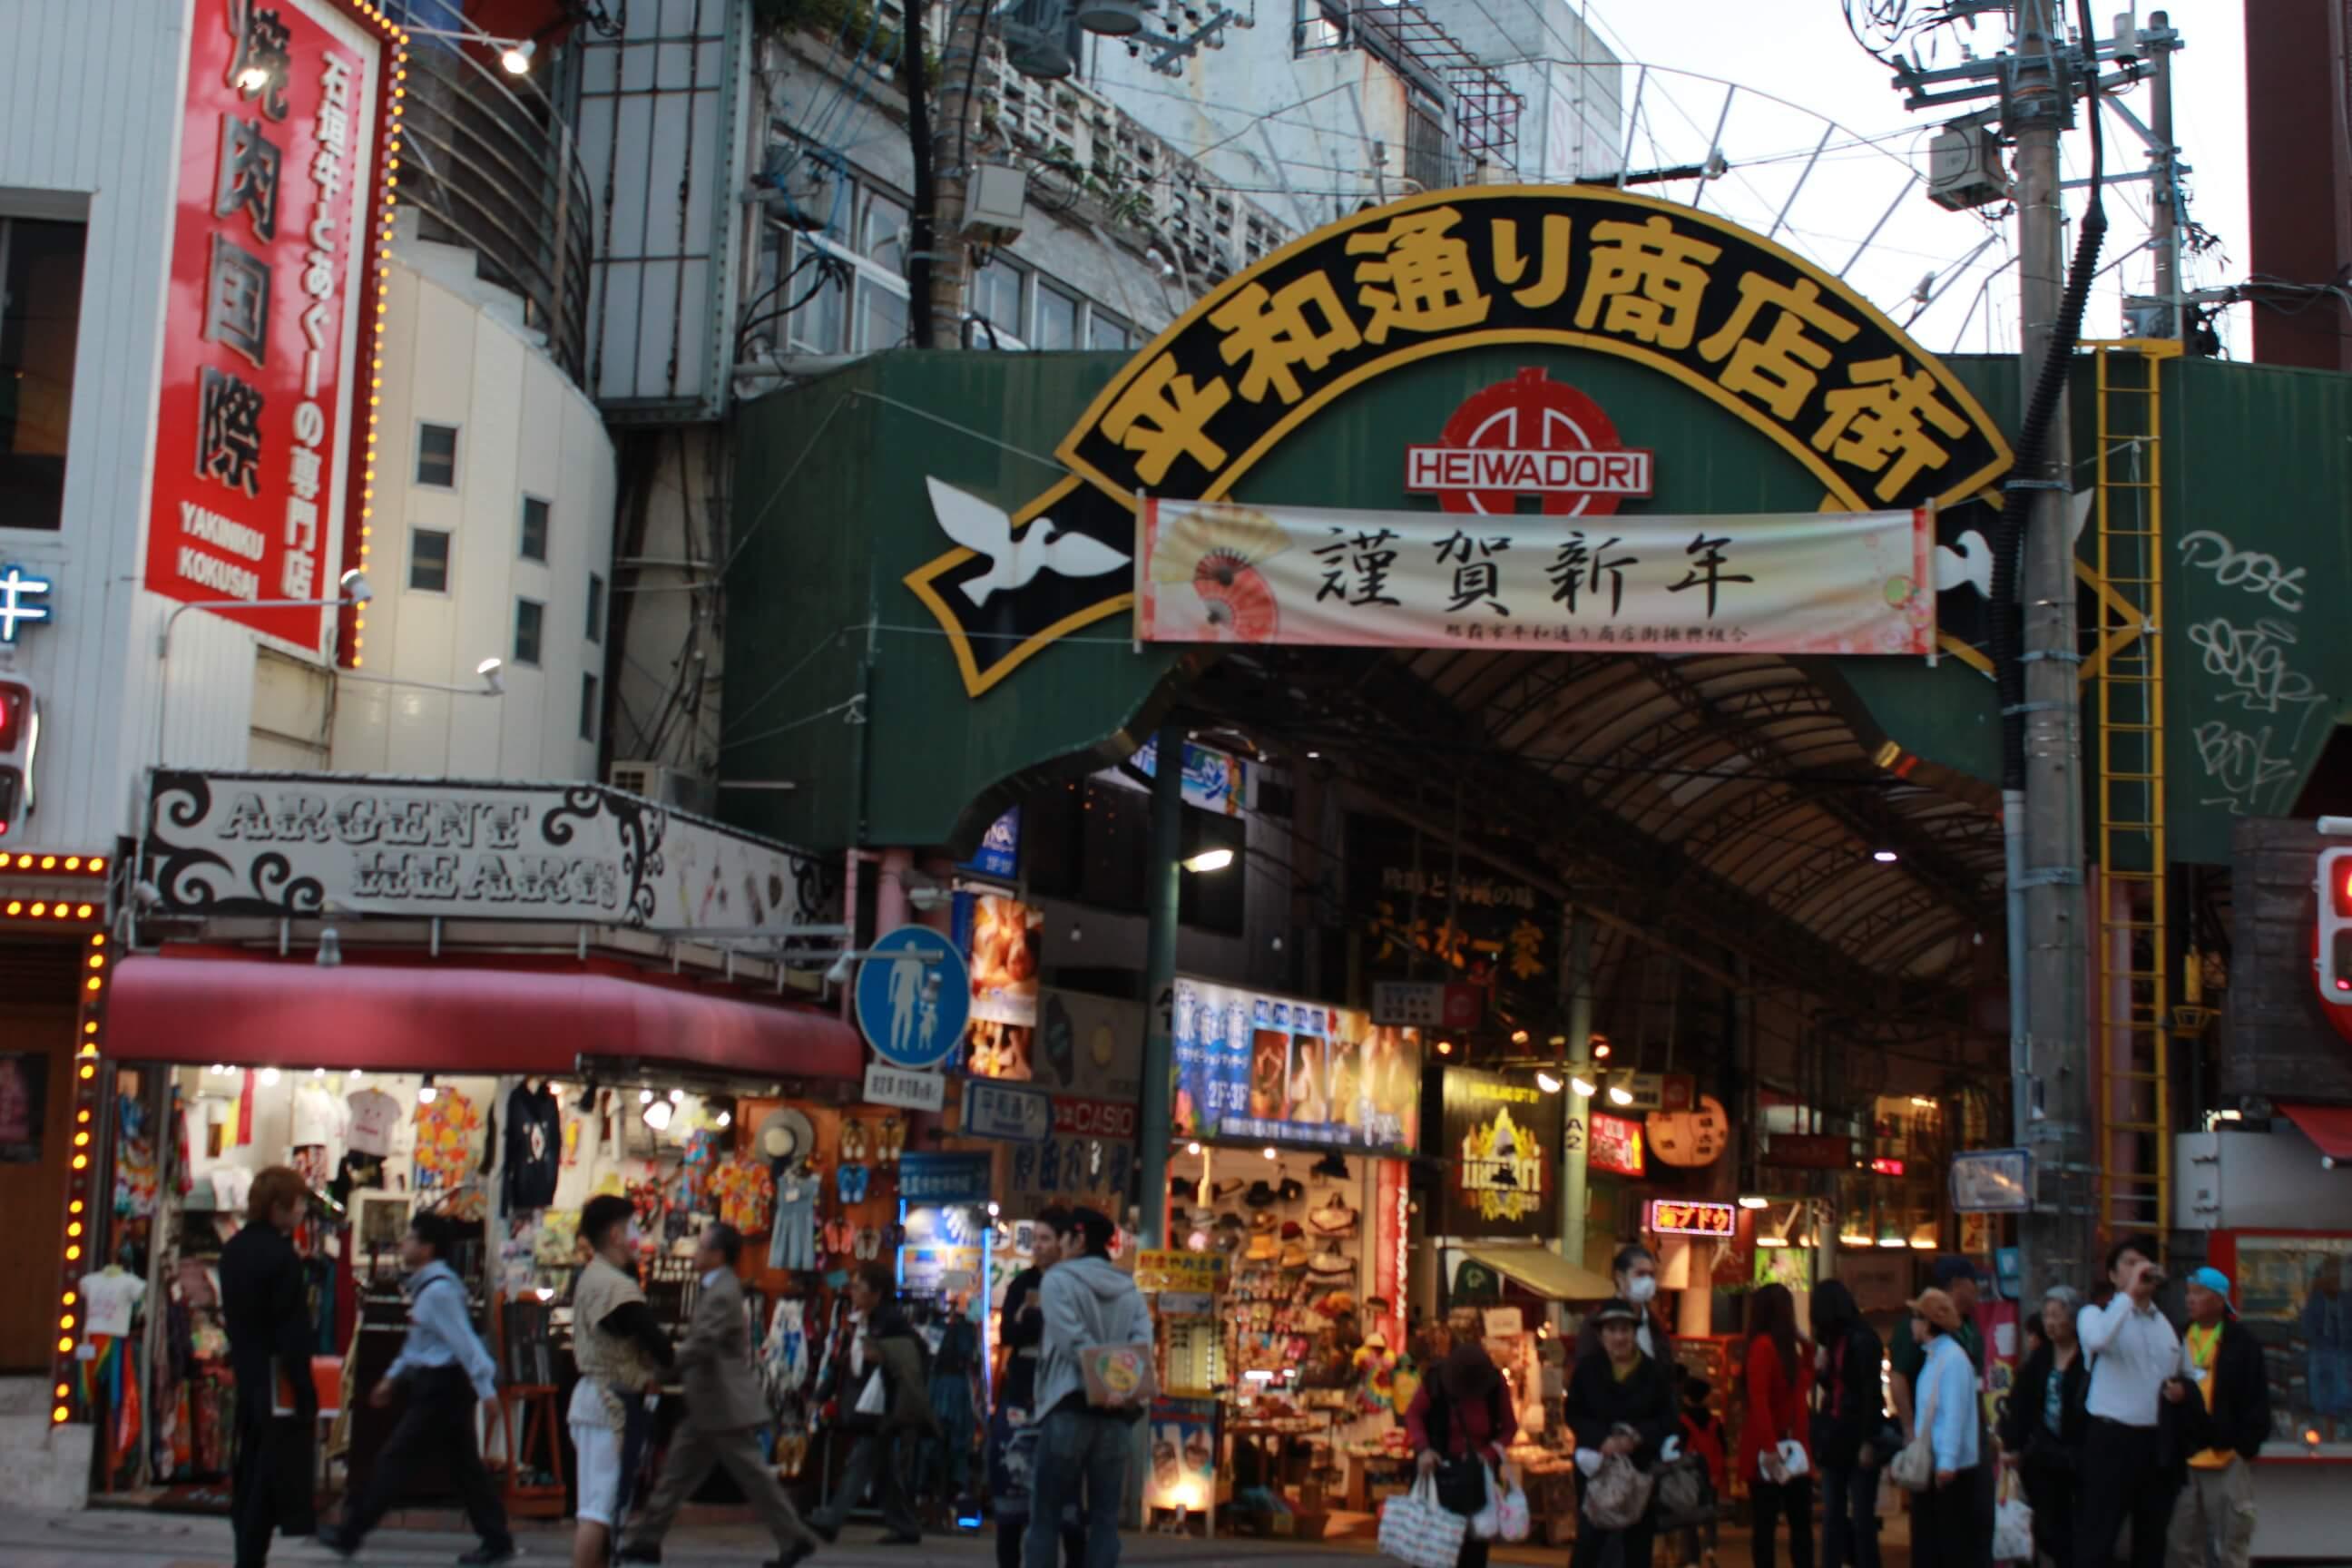 Heiwadori Kokusai-dori Okinawa